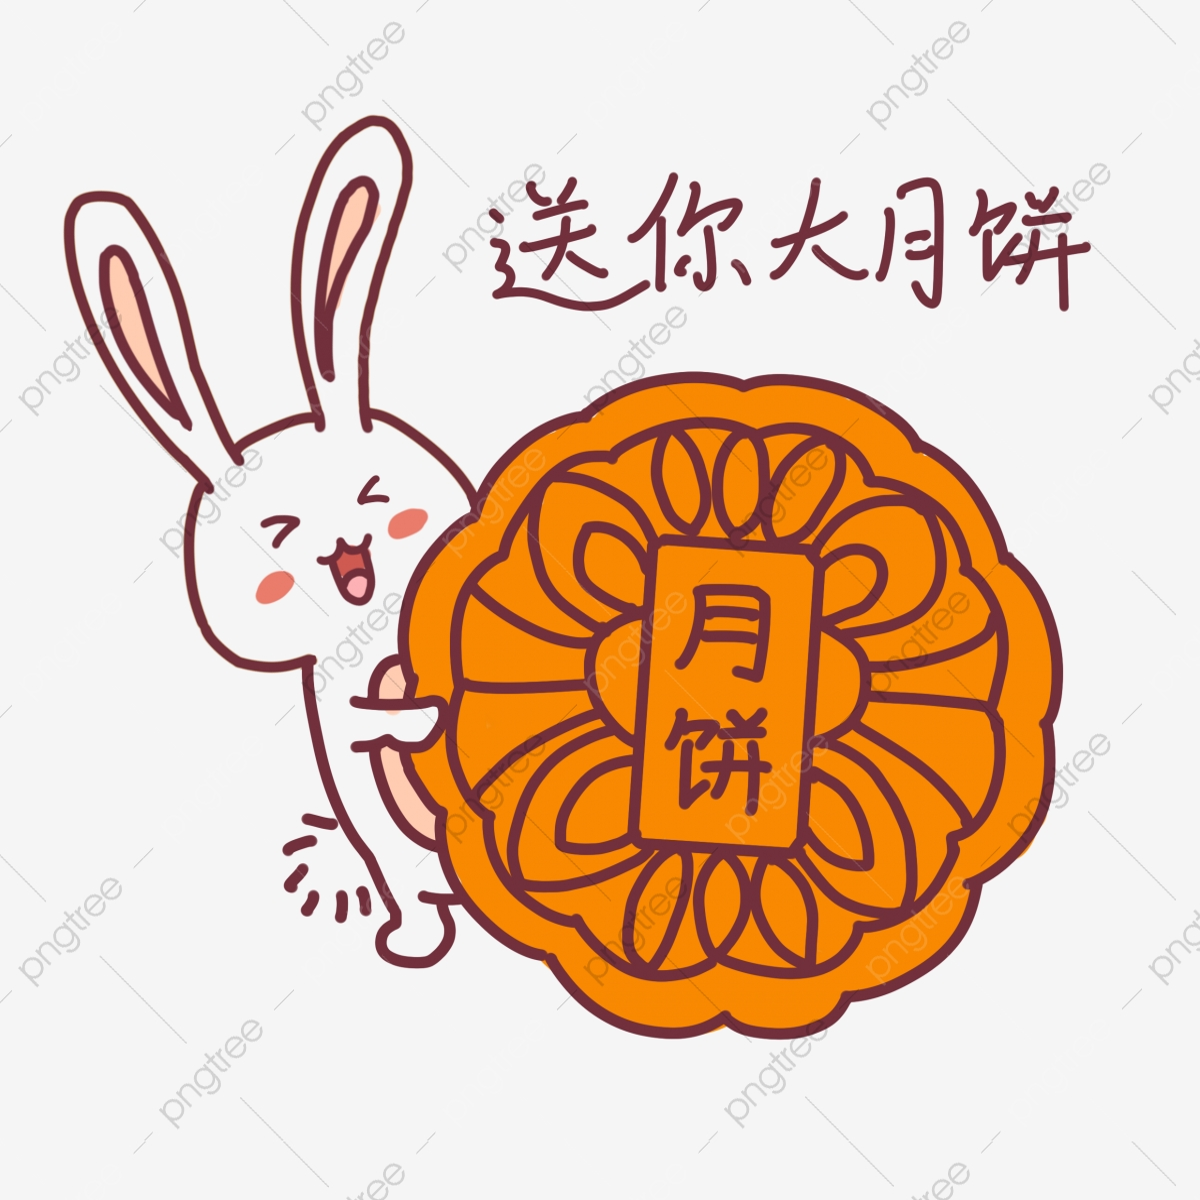 Pertengahan Festival Pesta Pertengahan Hantar Kue Bulan Besar Pek